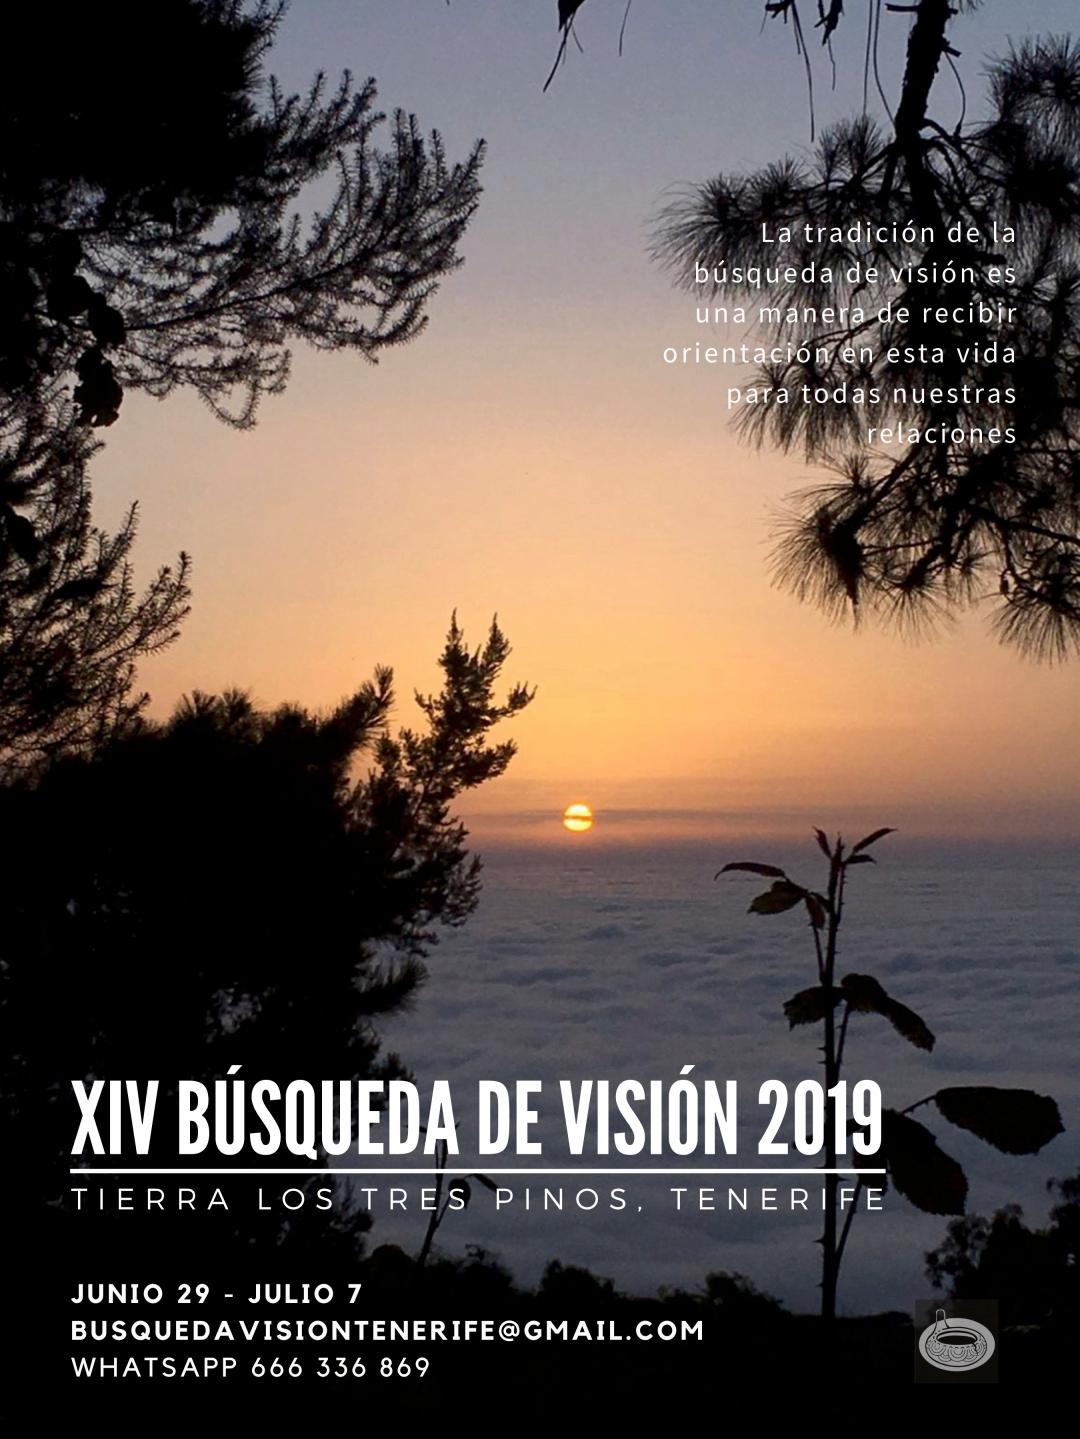 2019 TENERIFE - XIV BÚSQUEDA DE VISIÓN